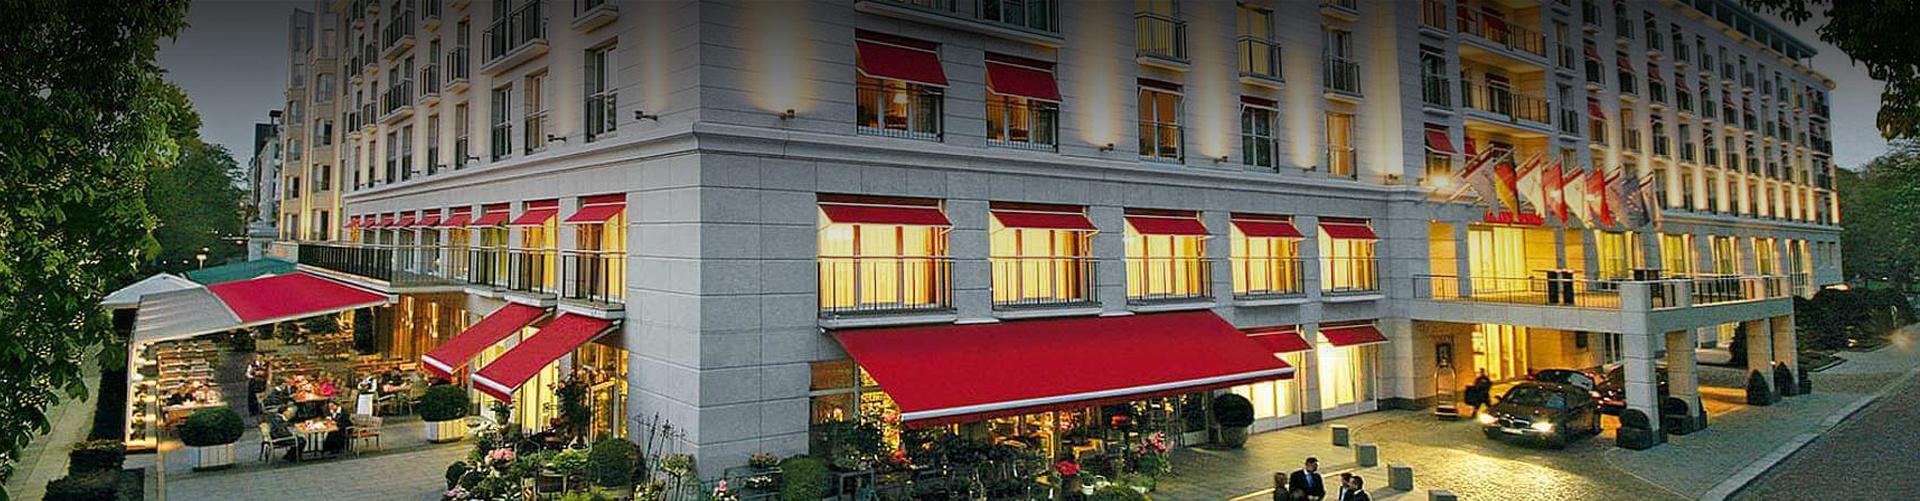 Hotel-location_Vorlage_Grande-Elisee-Hamburg2